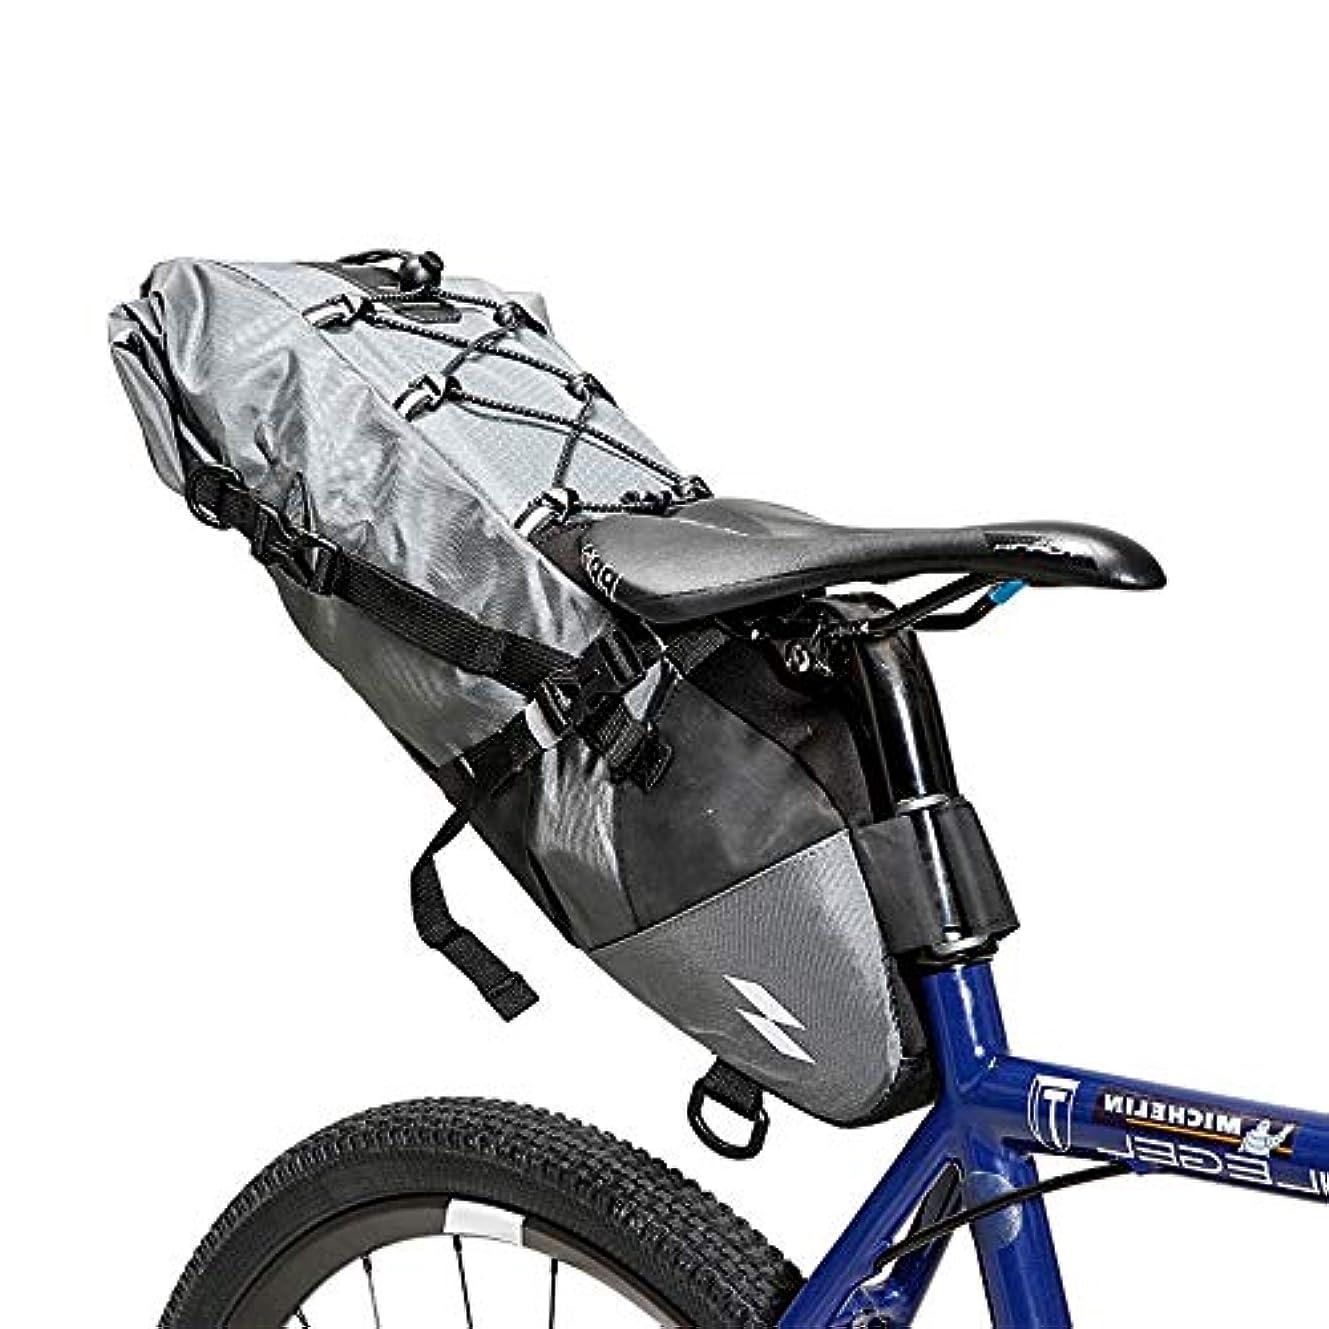 慣性挨拶調停者自転車サドルバッグ 道のバイクの灰色のための防水大容量の循環の後部座席パック スポーツ自転車自転車収納バッグ (Color : Gray, Size : 40*14.5*11.5)